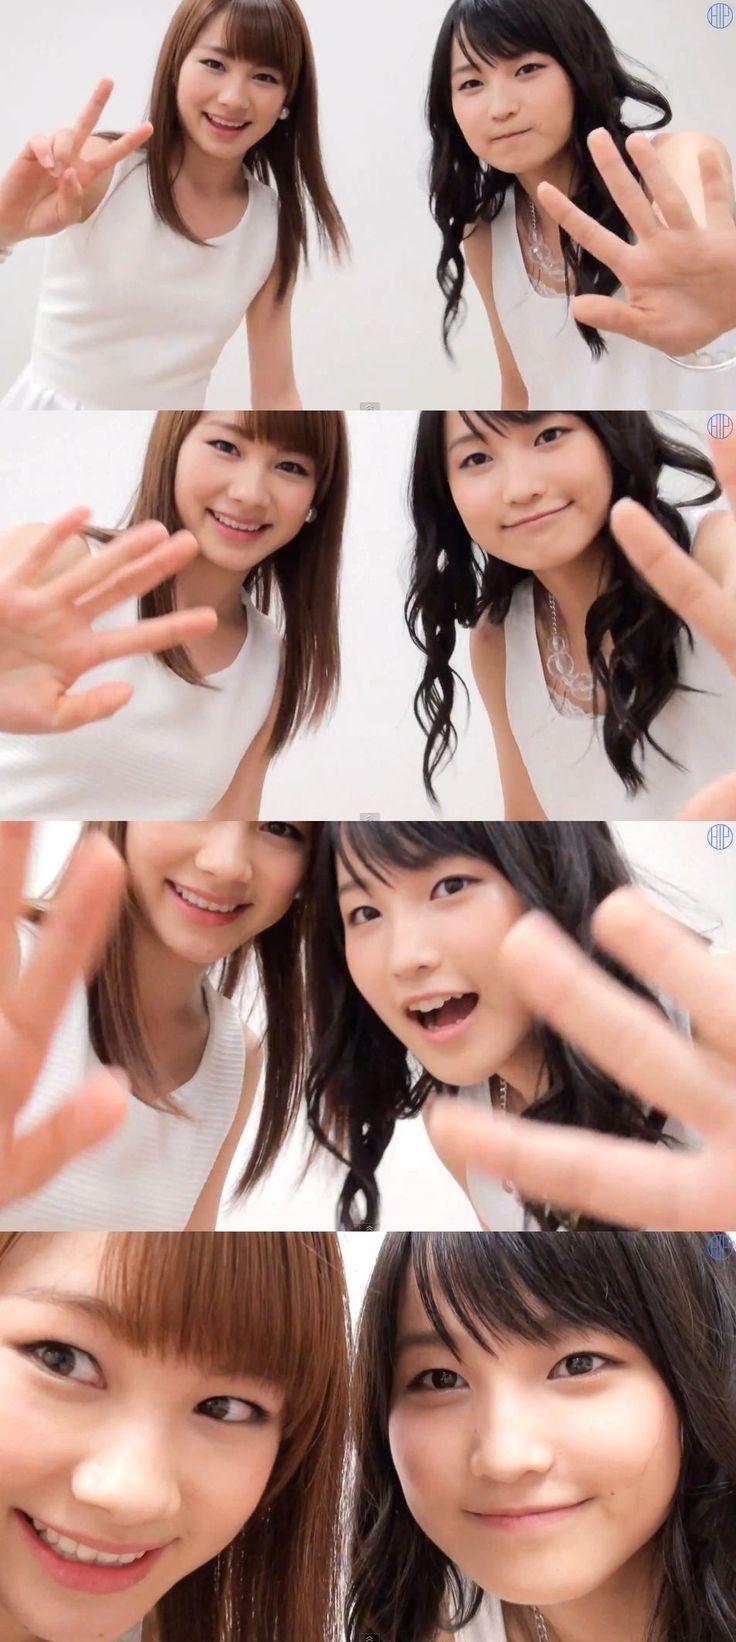 モーニング娘。'14 - 石田亜佑美 Ishida Ayumi、鞘師里保 Sayashi Riho